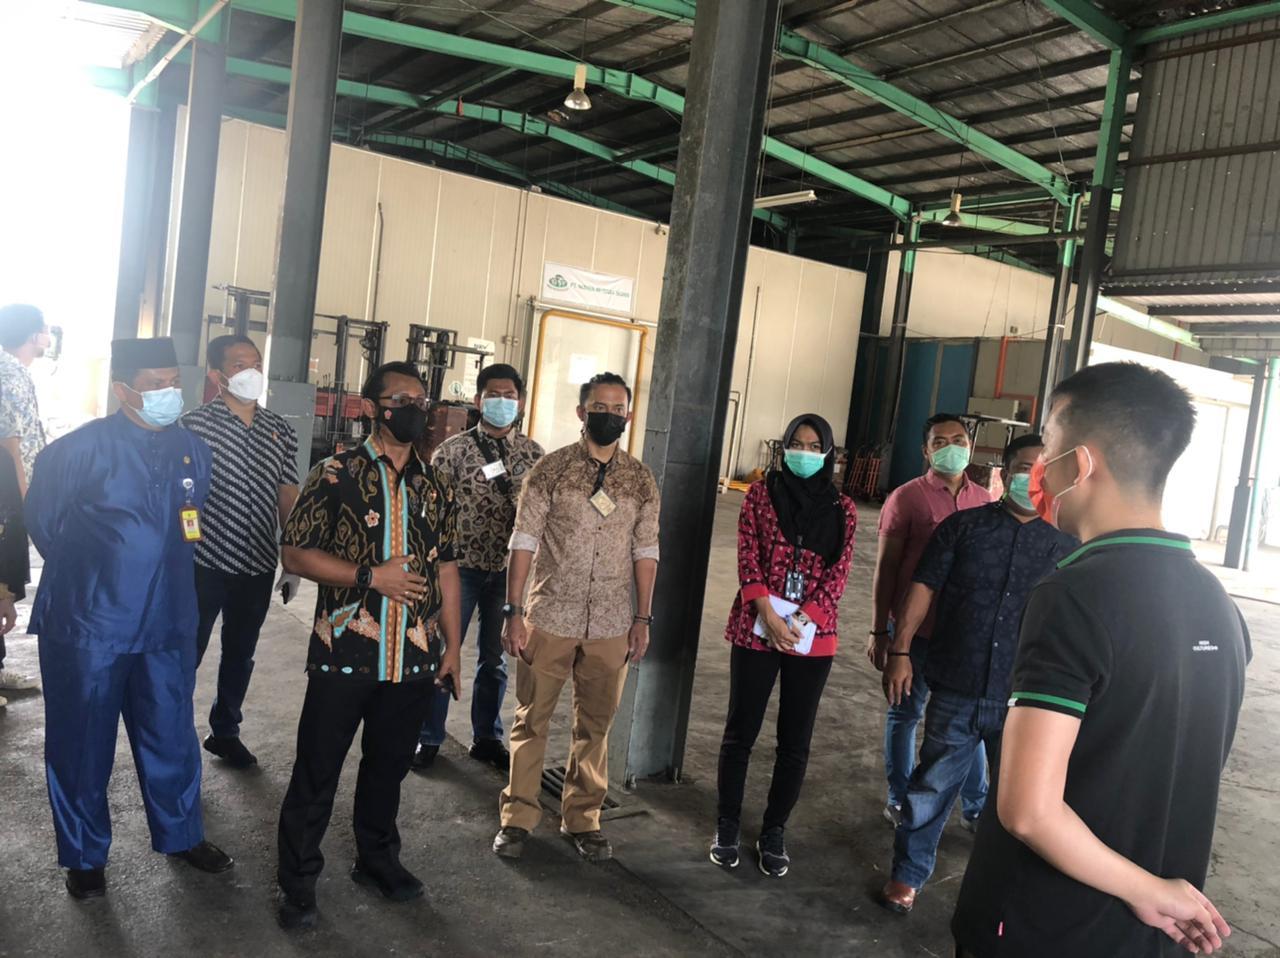 Polda Kepri Bersama Pemerintah Sidak Untuk Pasar dan Distributor Pangan di Batam